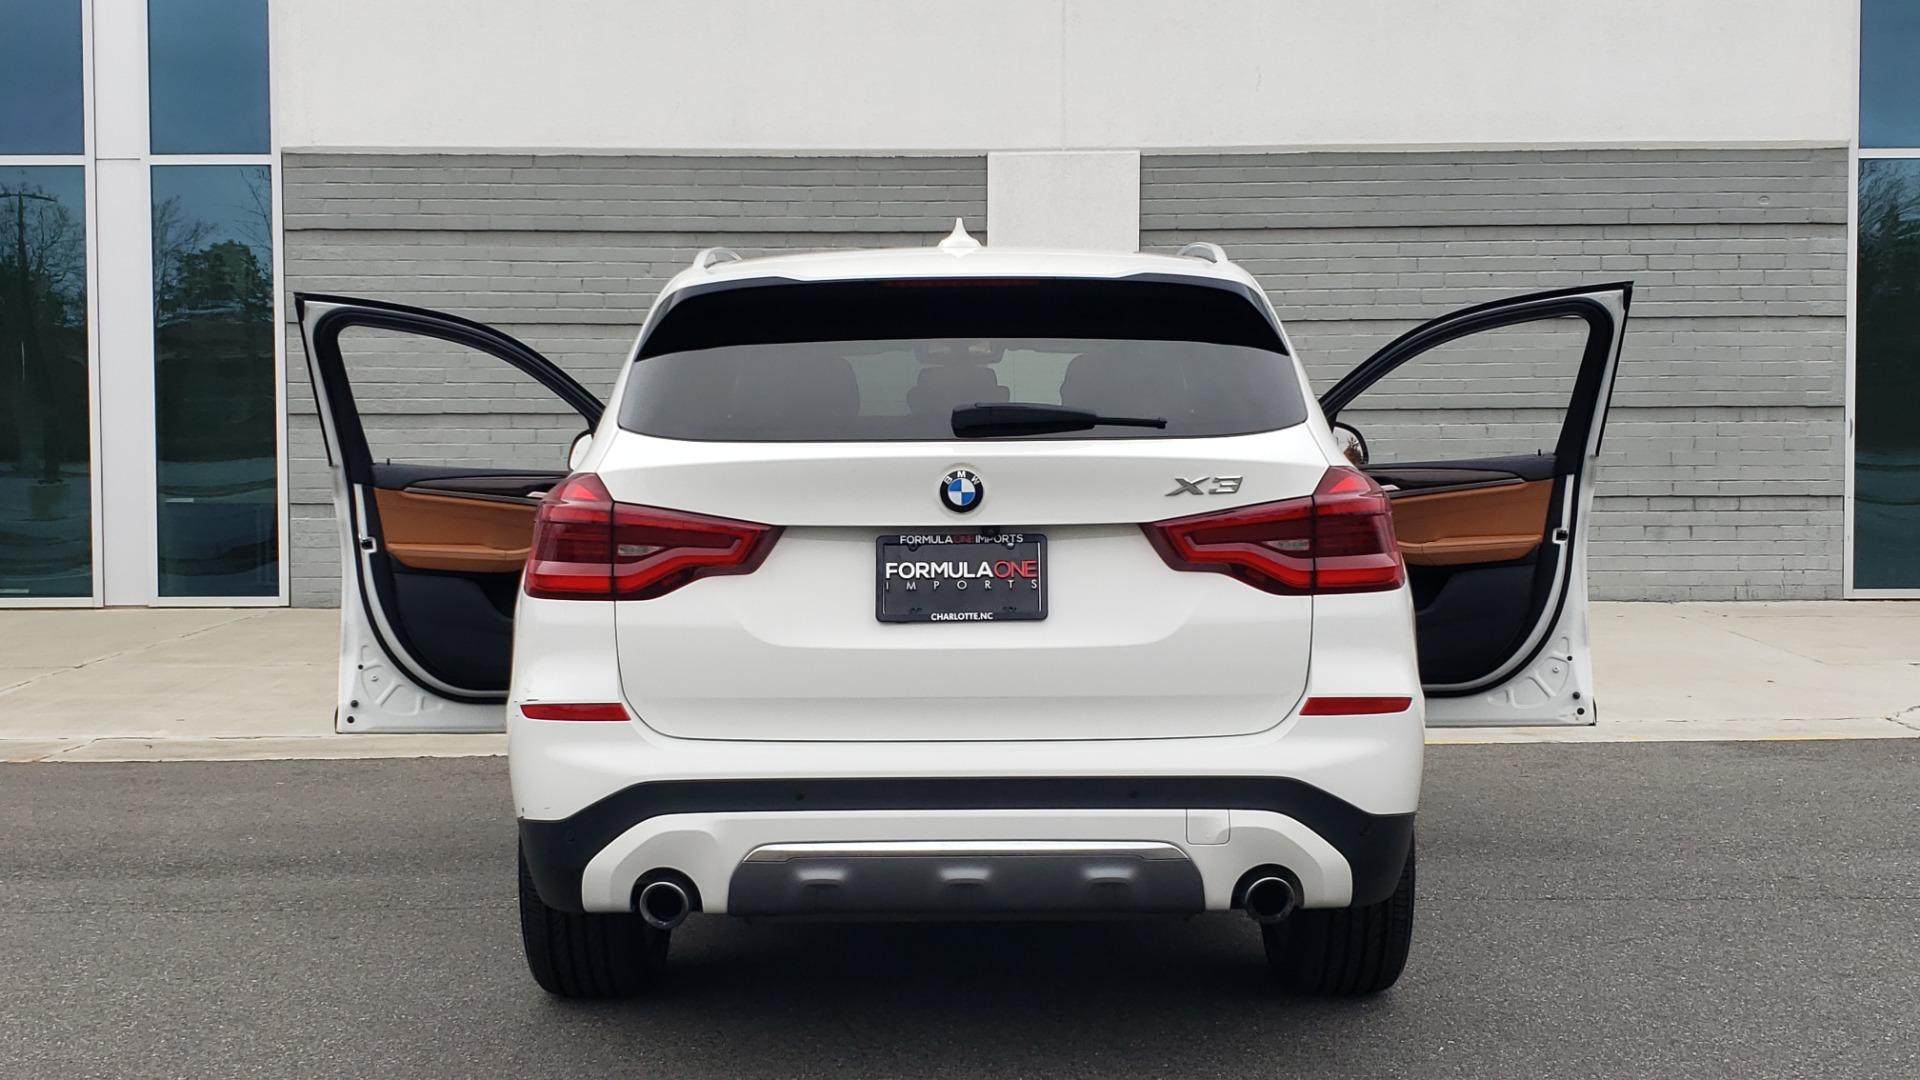 Used 2018 BMW X3 XDRIVE30I / LUX PKG / PREM PKG / CONV PKG / PDC / APPLE CARPLAY for sale Sold at Formula Imports in Charlotte NC 28227 29